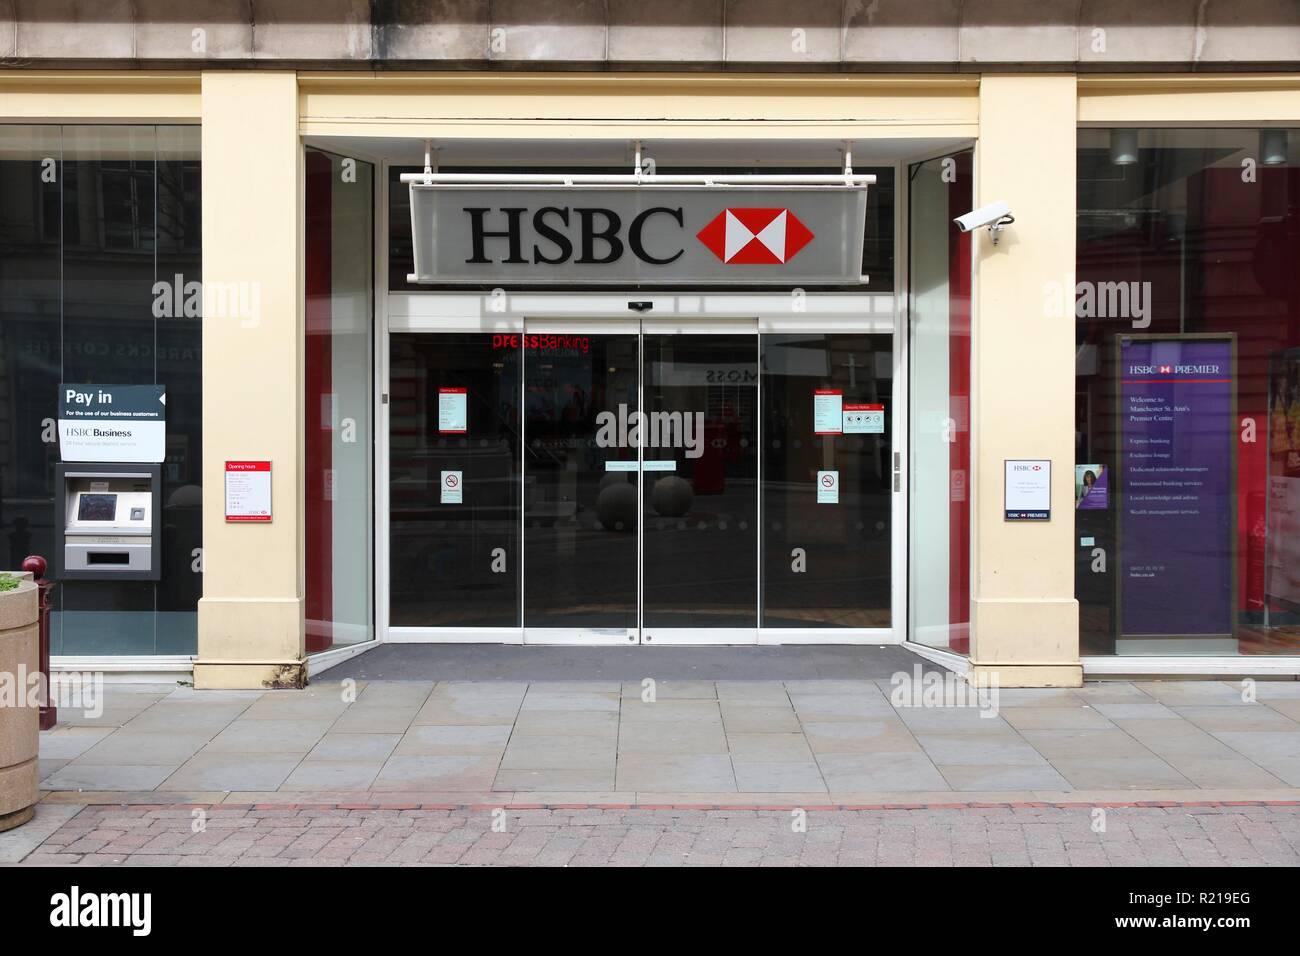 MANCHESTER, UK - APRIL 21, 2013: Exterior view of HSBC Bank